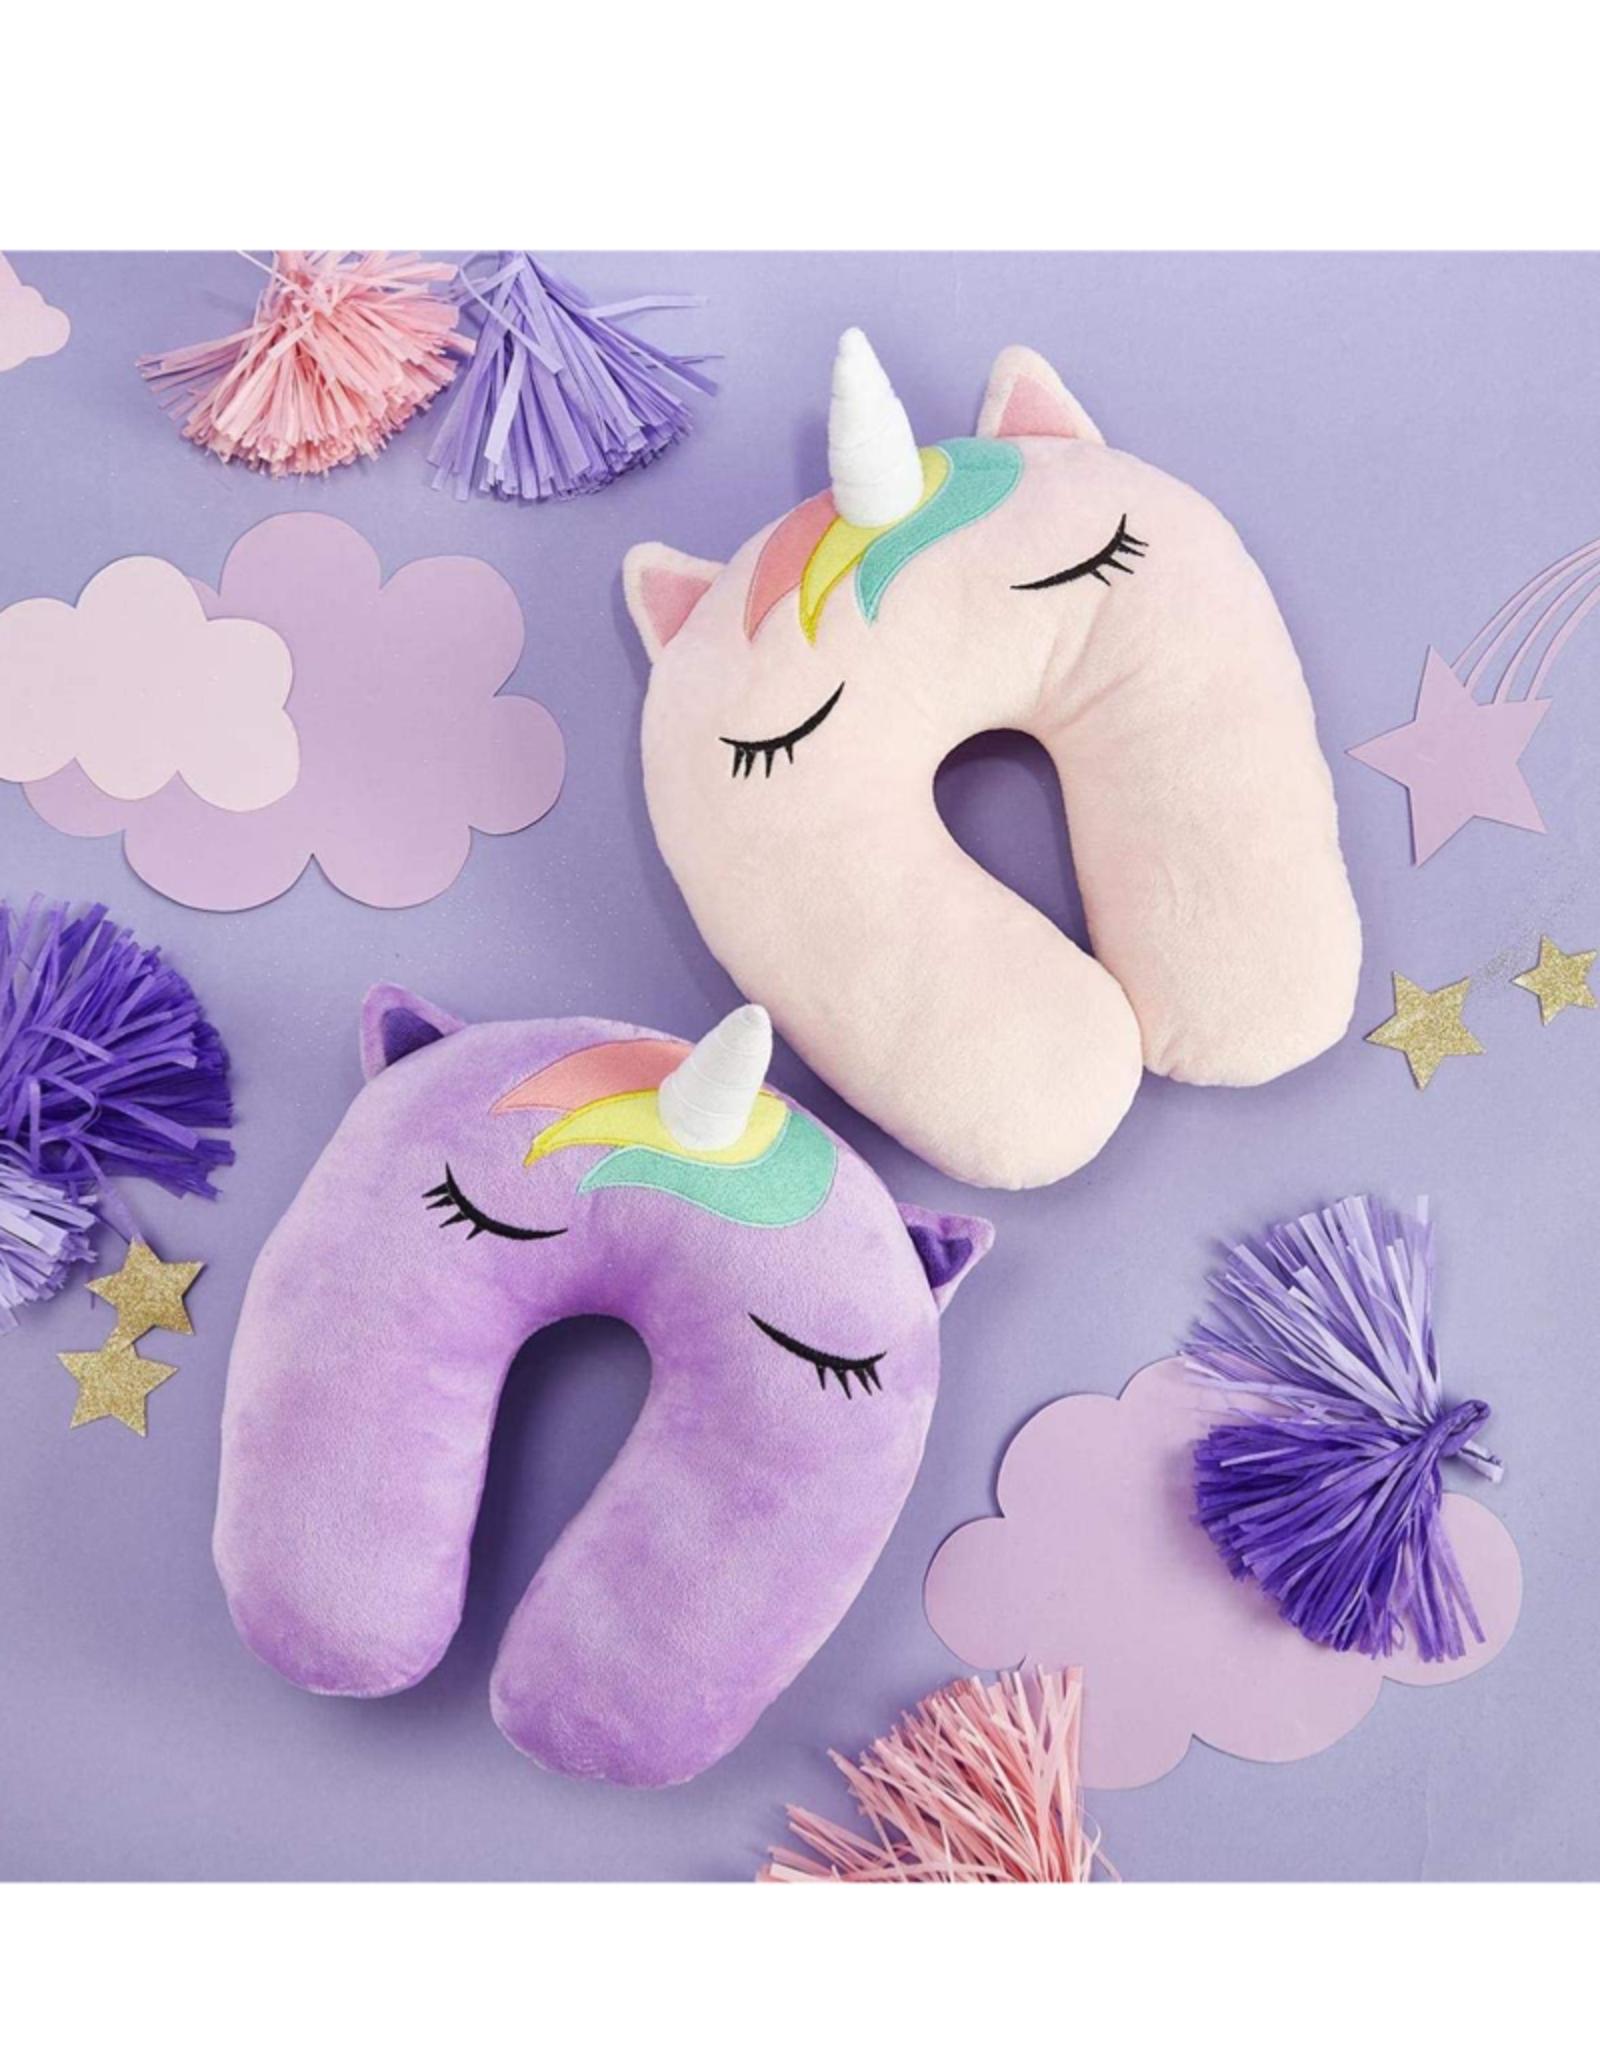 Twos Company Unicorn Pillow